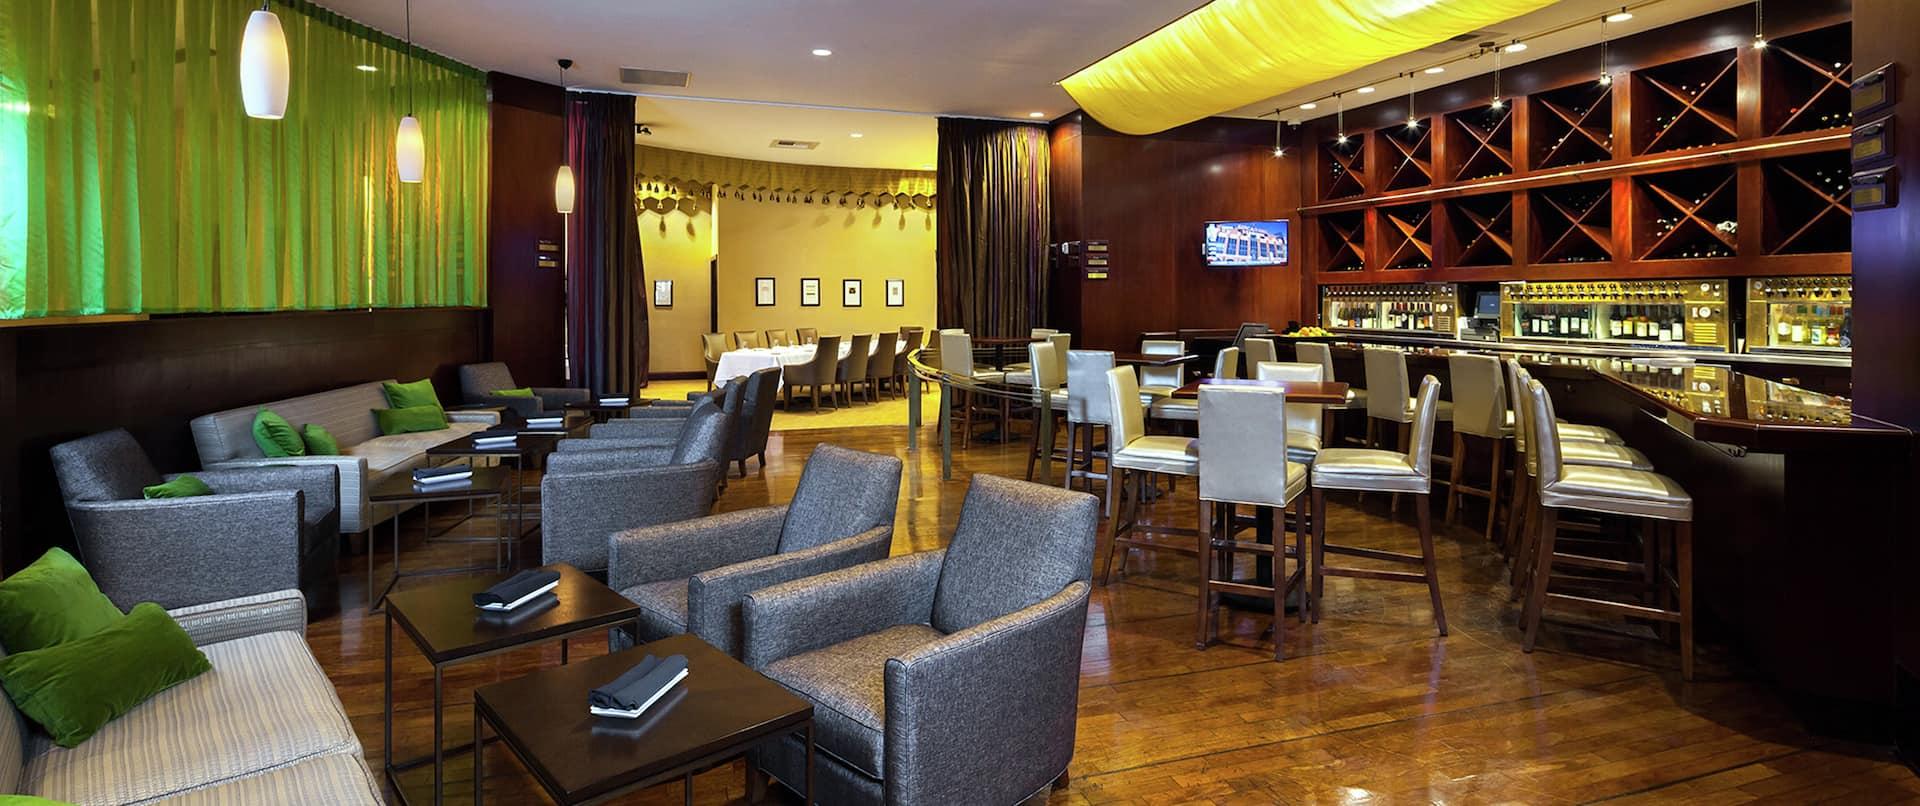 Spencer's Bar & Restaurant Lounge